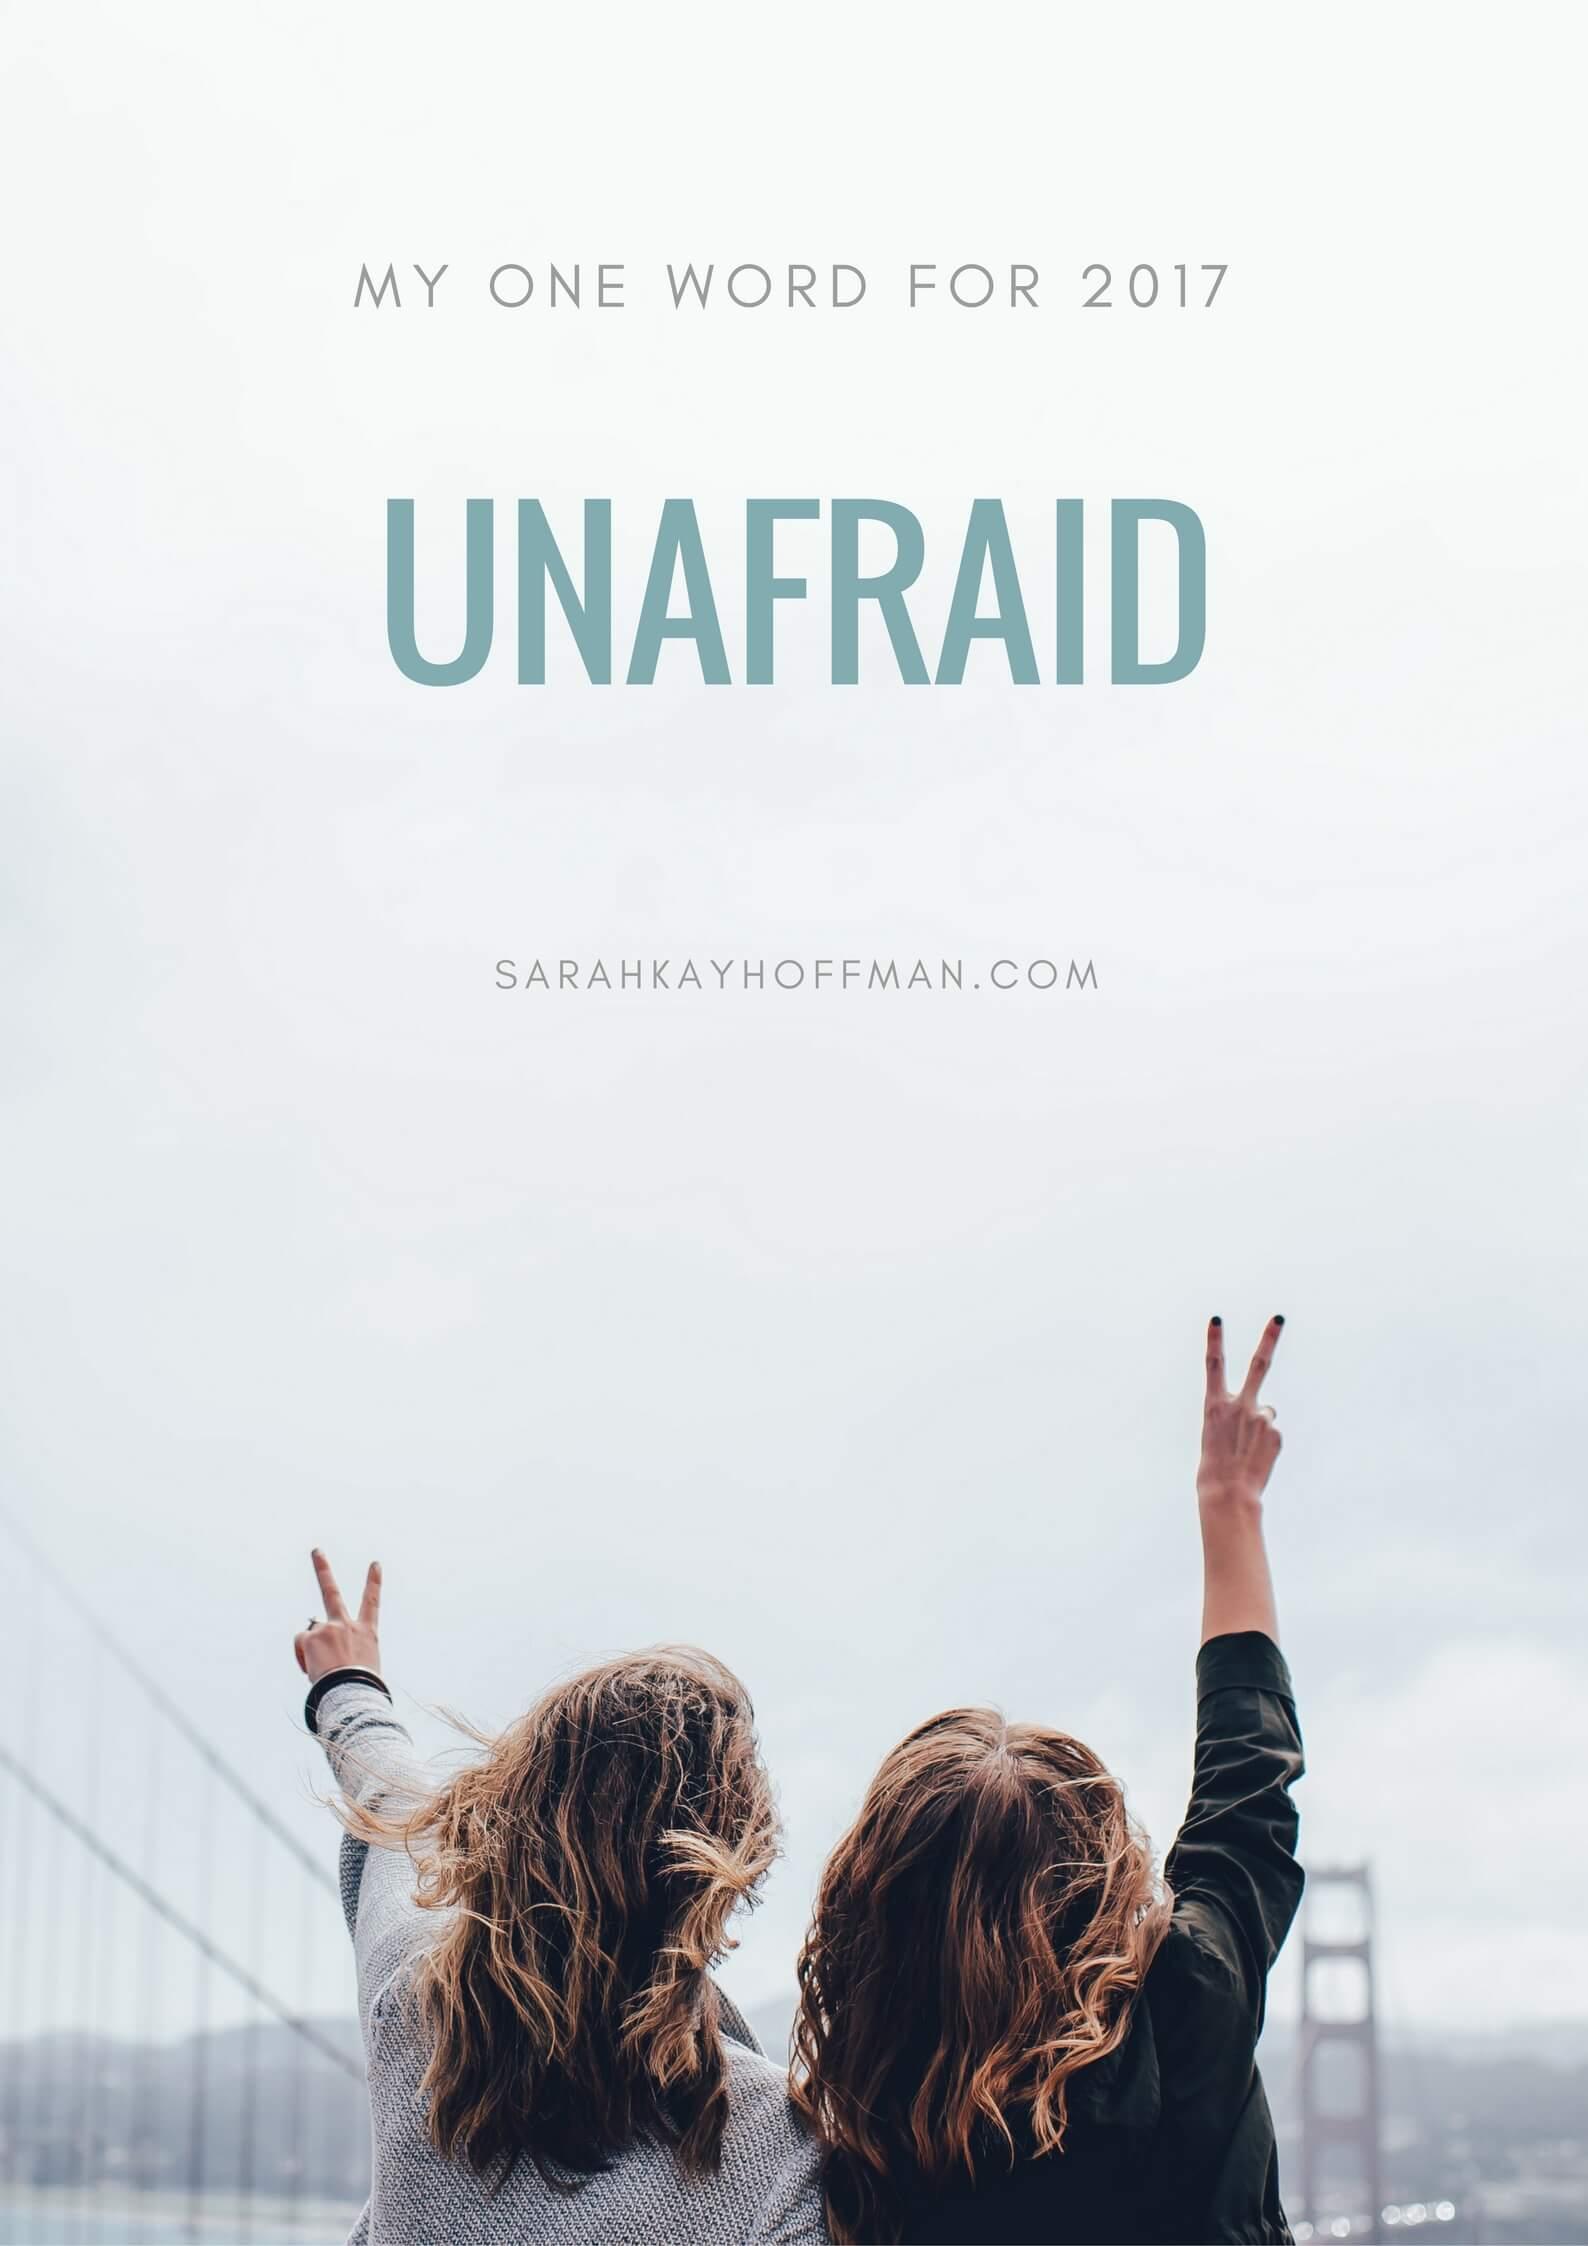 Unafraid sarahkayhoffman.com My One Word 2017